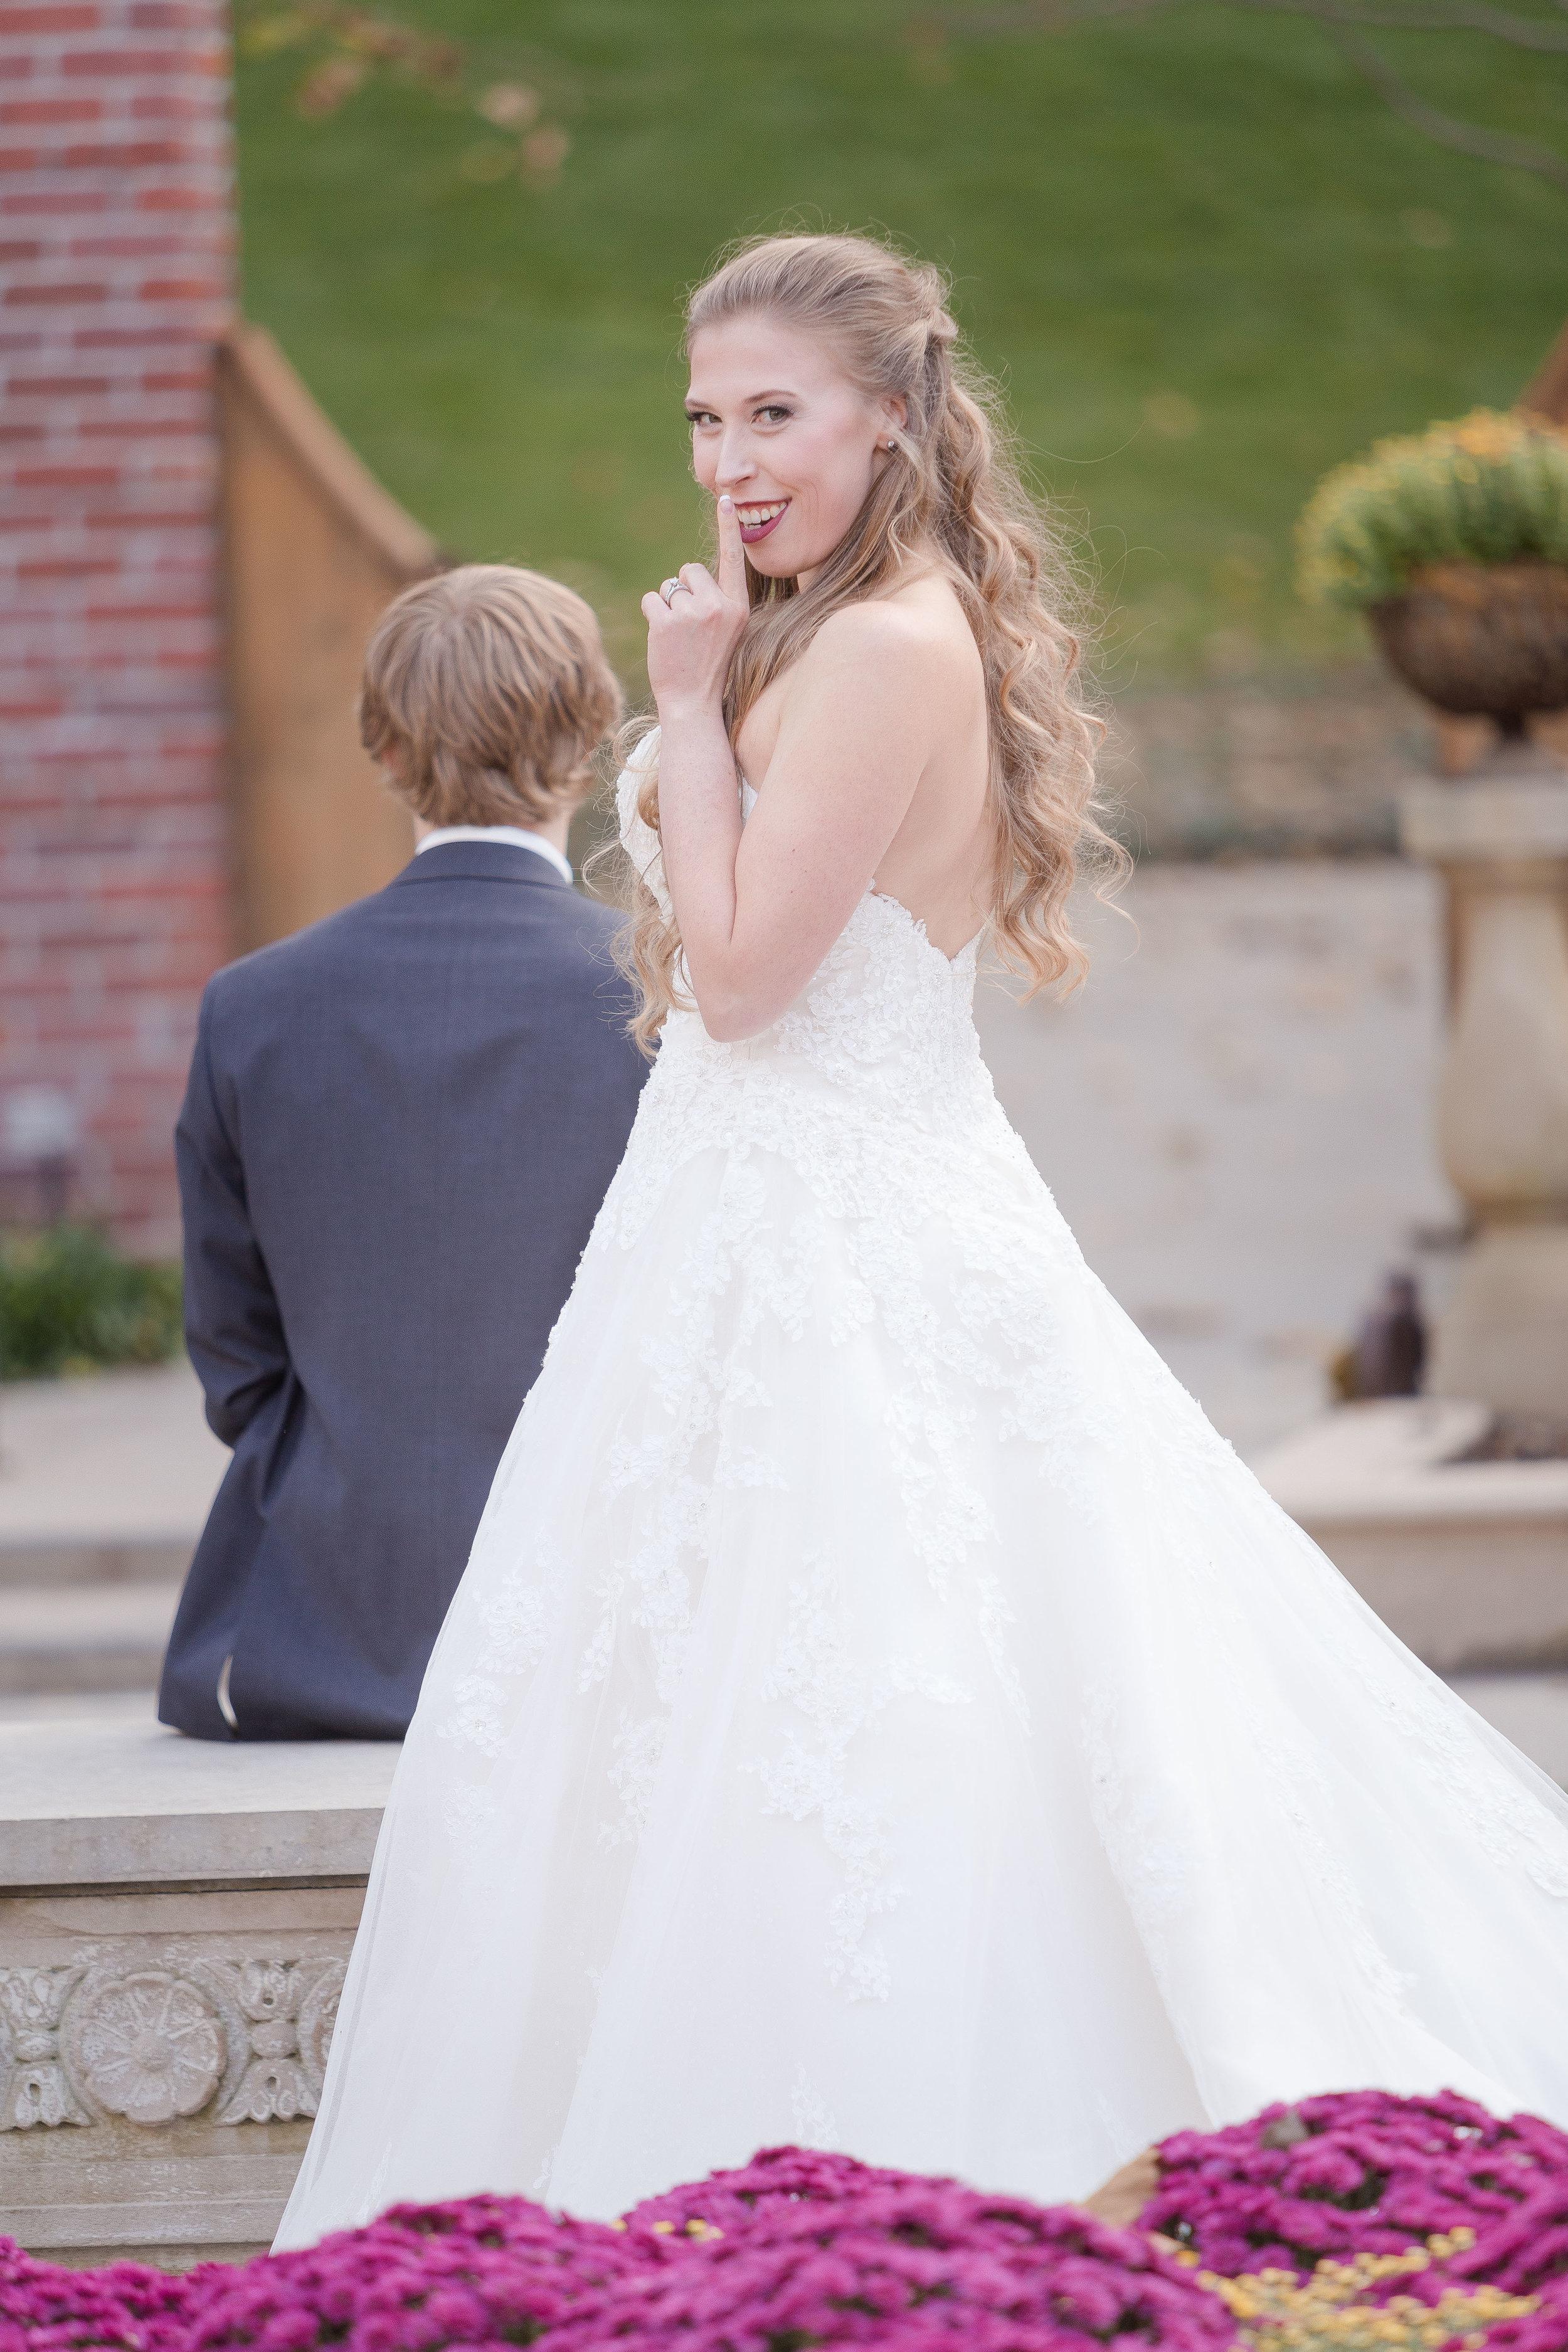 C_Wedding_Spellman, Megan & Tyler_10.27.18-652.JPG